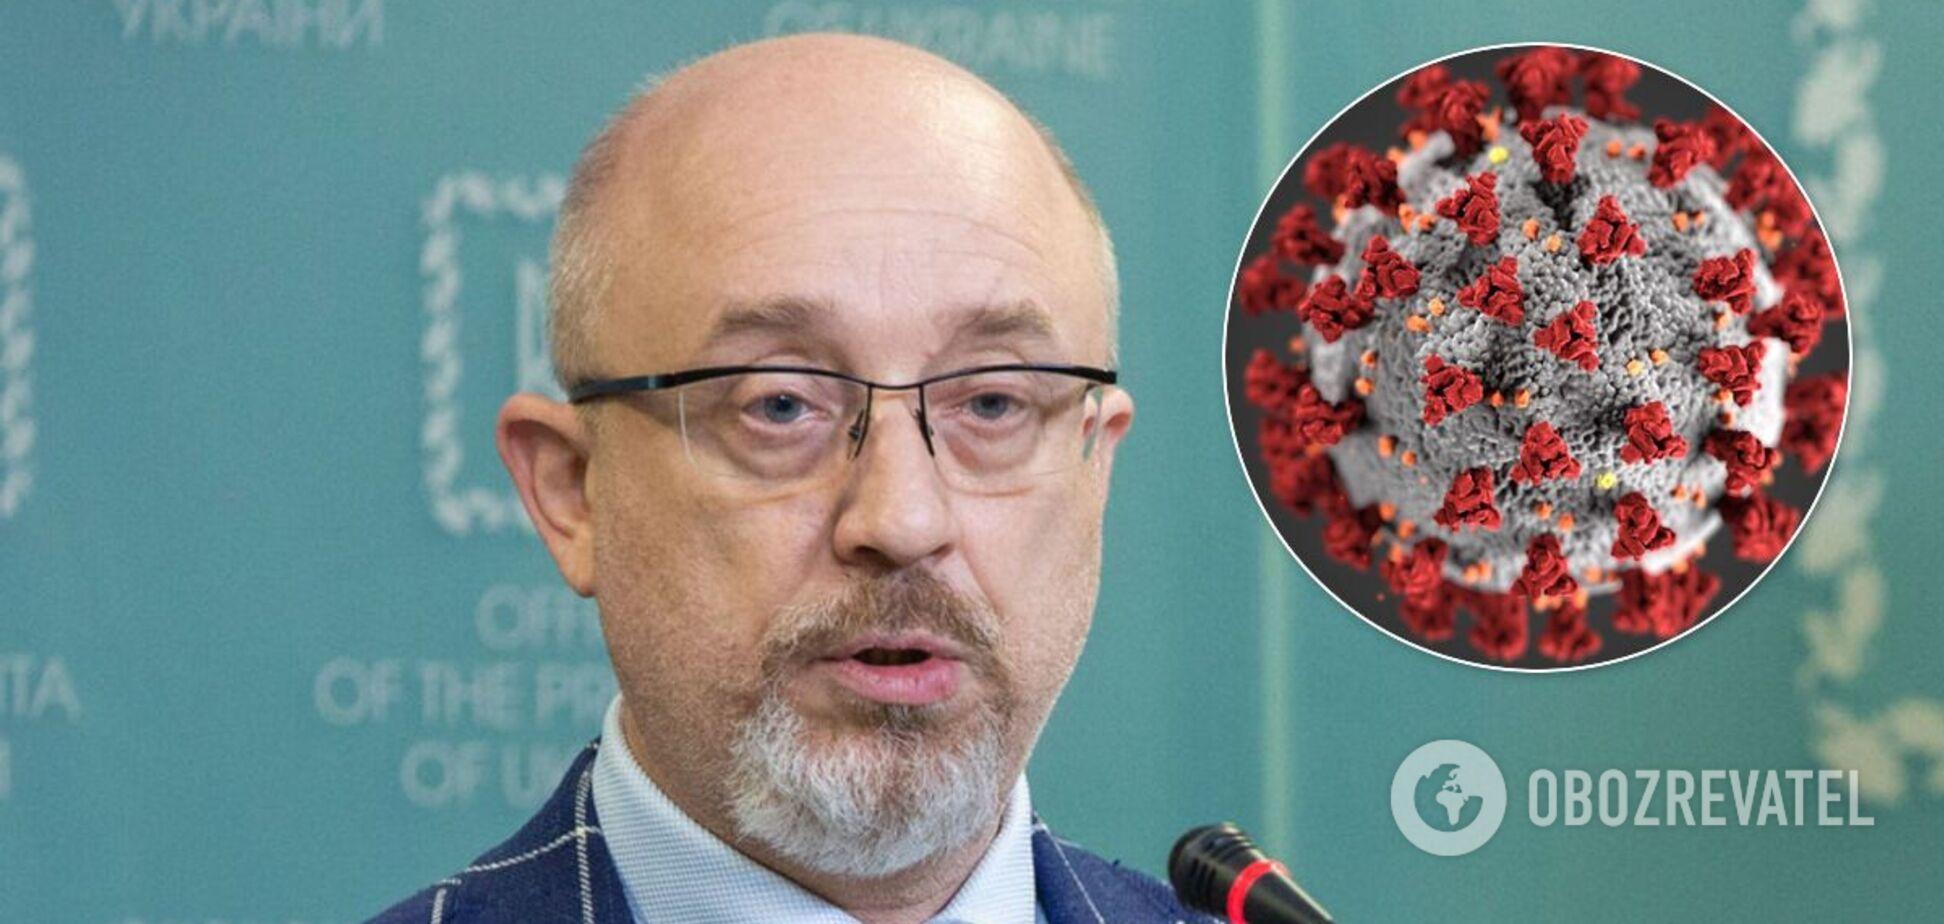 Коронавирусом заболел вице-премьер Резников